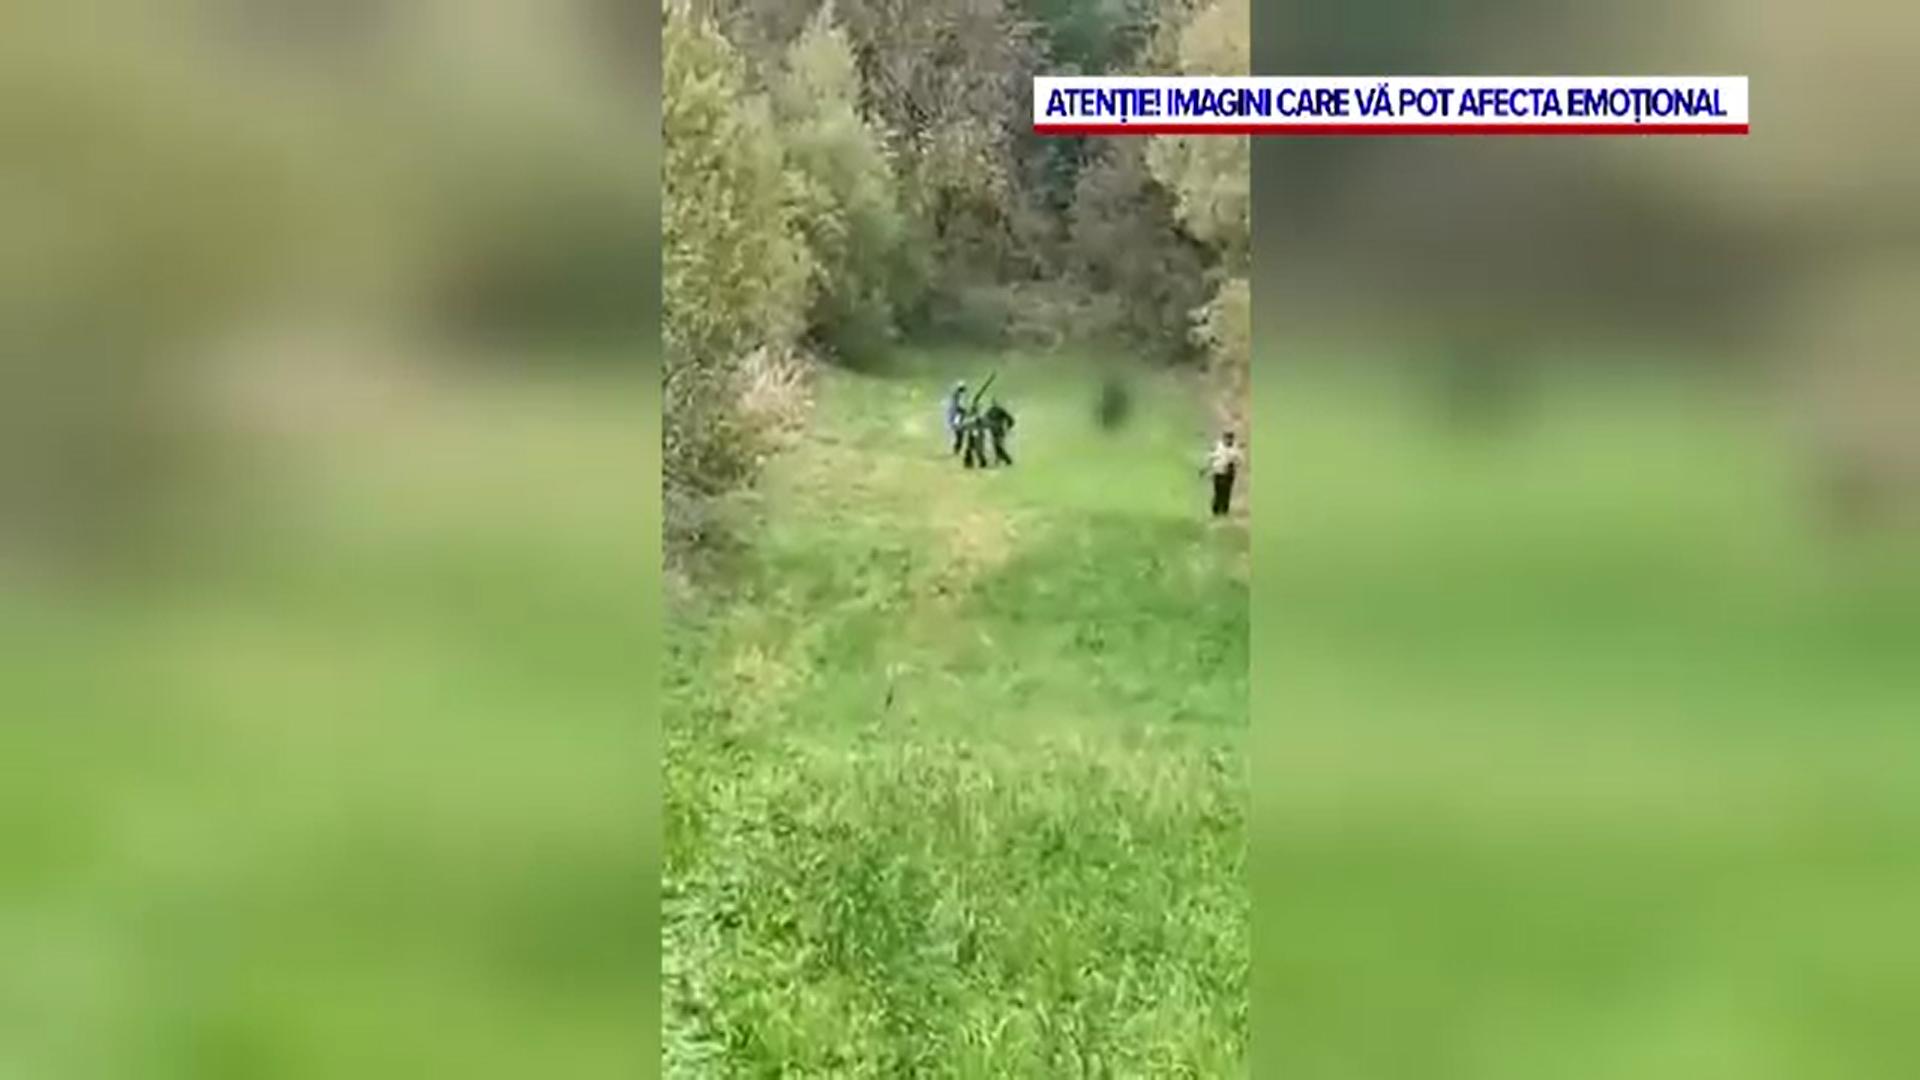 Zeci de localnici au schingiuit și omorât un pui de urs. Ultimele clipe de viață au fost filmate